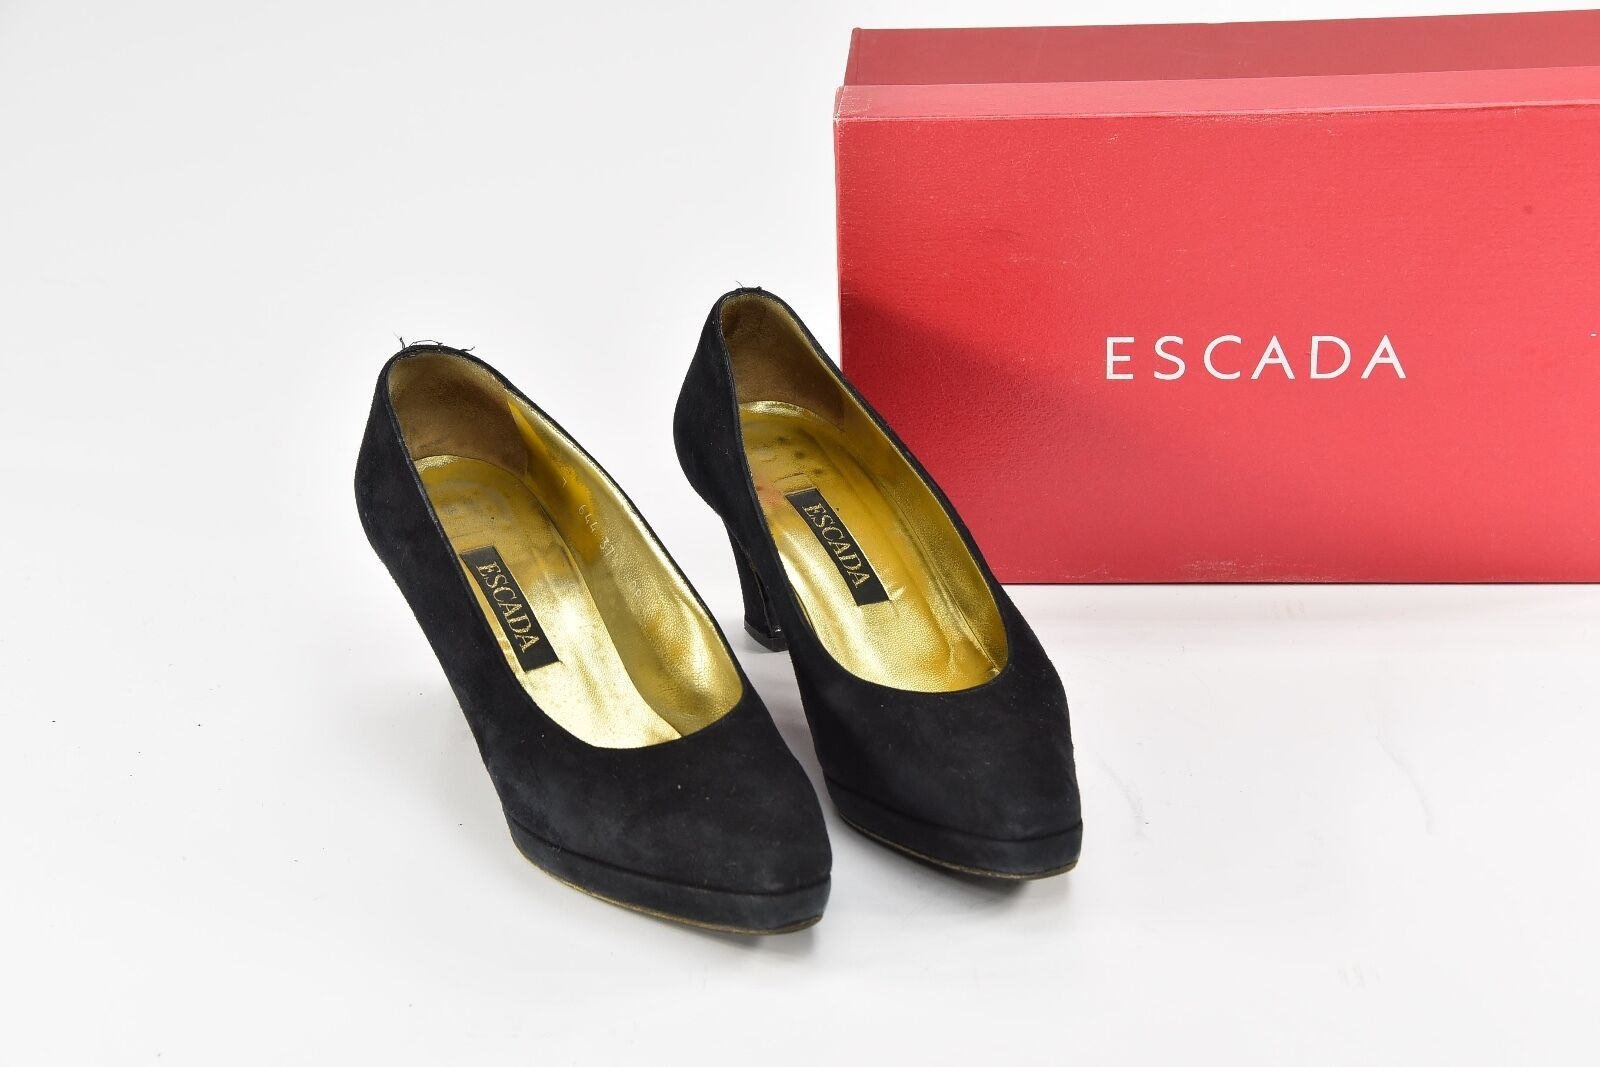 Escada Black Suede Suede Suede Platform Pumps Heels 37.5 - R73 b15786